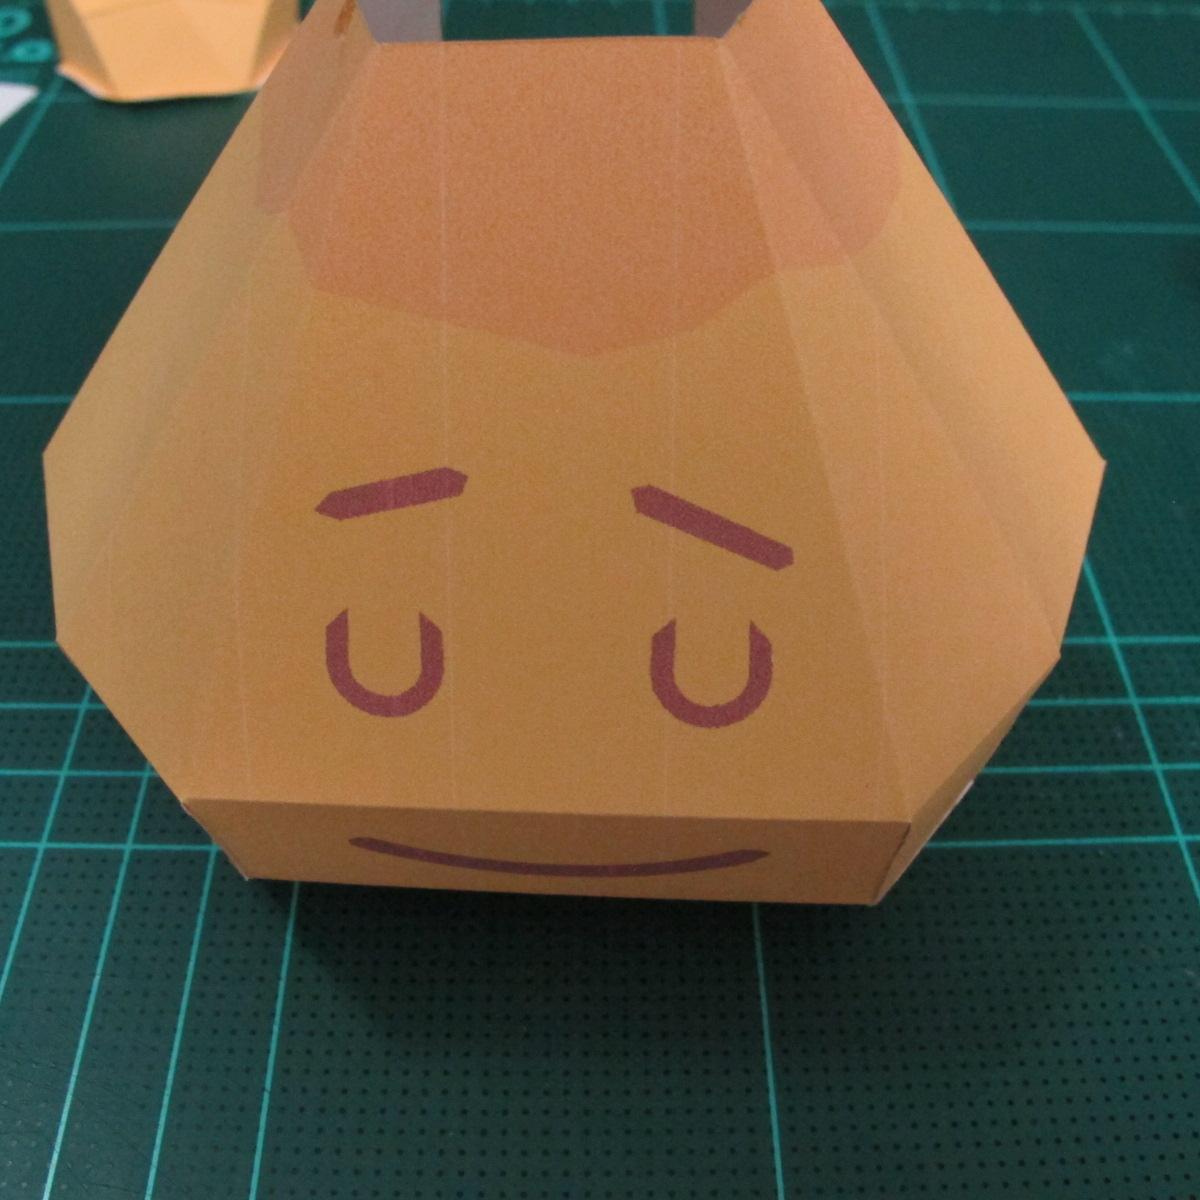 วิธีทำโมเดลกระดาษตุ้กตาสัตว์เลี้ยง หยดทองจากเกมส์ คุกกี้รัน (LINE Cookie Run Gold Drop Papercraft Model - クッキーラン  「黄金ドロップ」 ペーパークラフト) 013